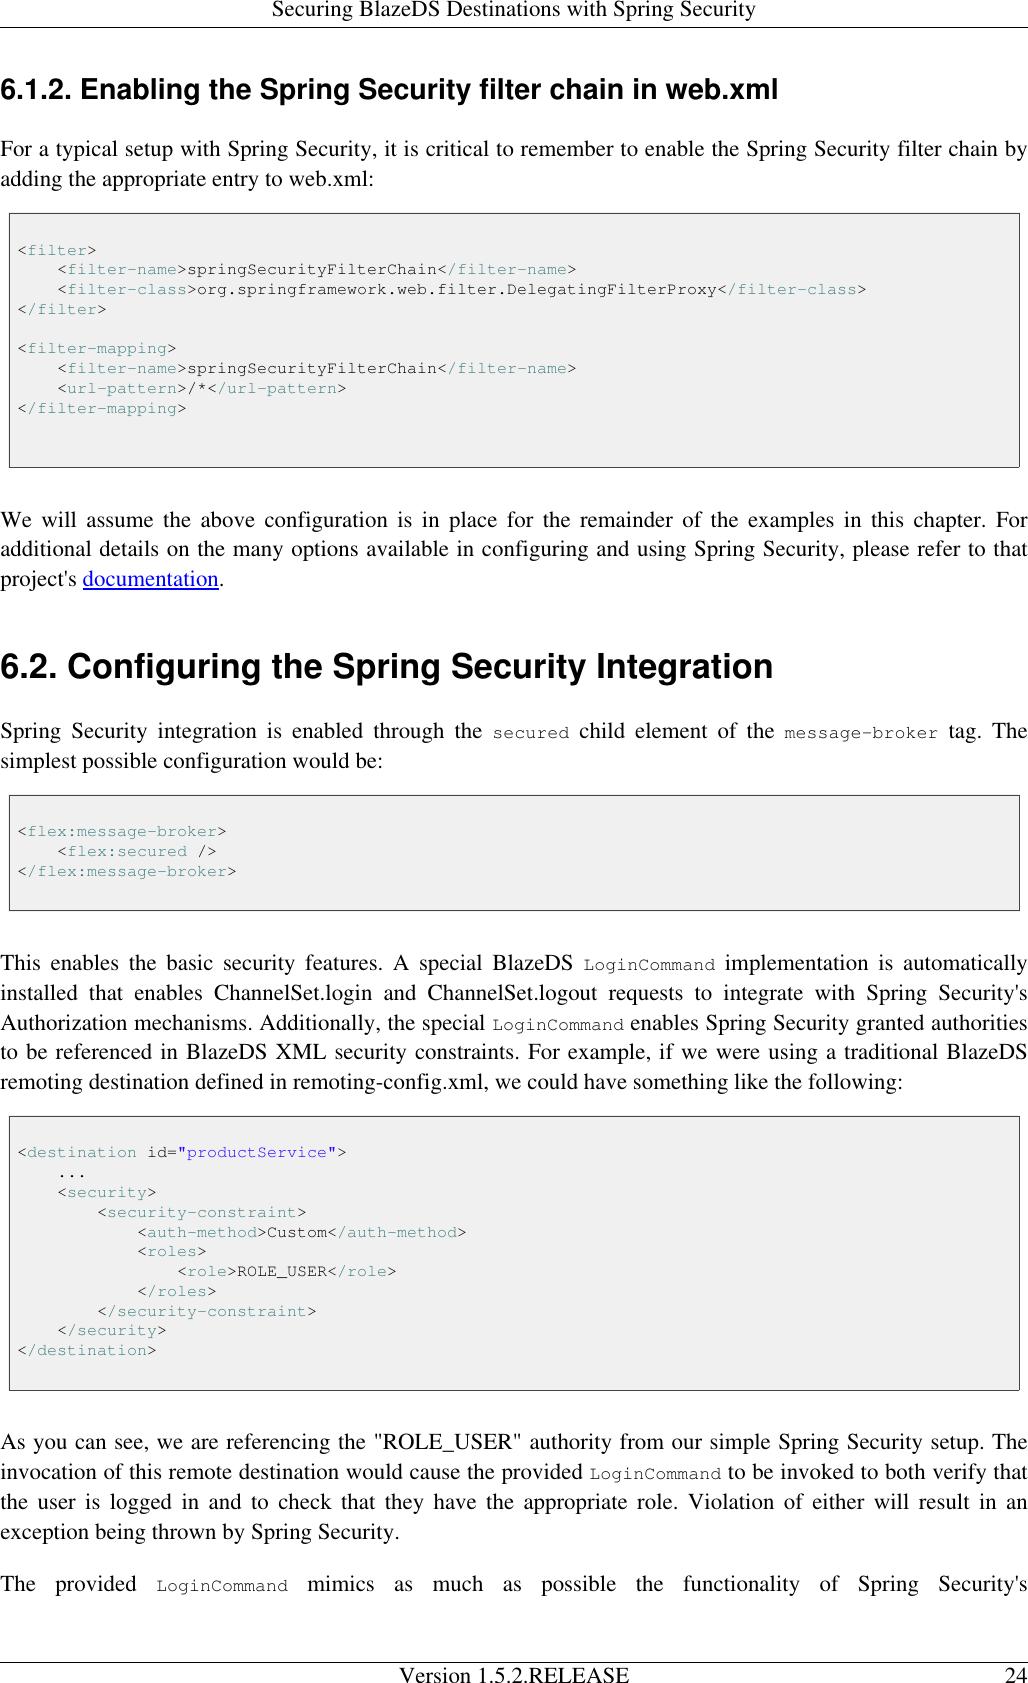 Spring Blaze DS Integration Reference Guide V1 5 2 RELEASE